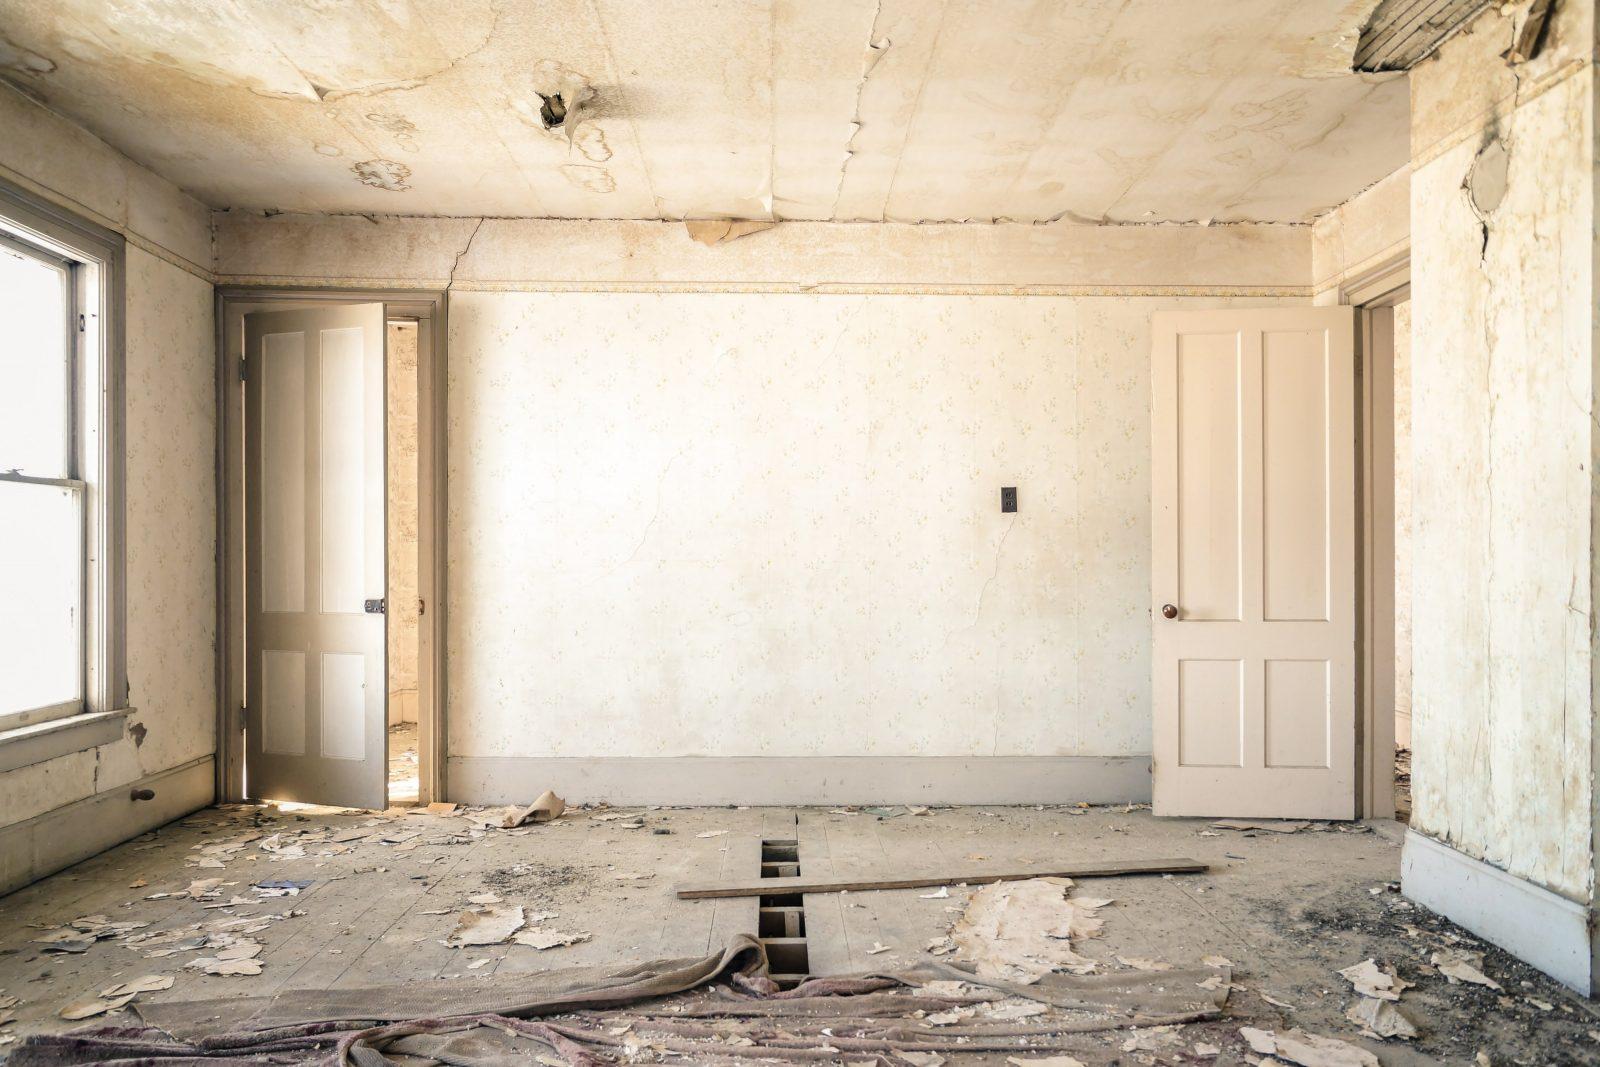 Richtige Vorbereitung Beim Wände Streichen 4 Tipps Bevor Es Los von Schöne Wände Ohne Tapete Bild